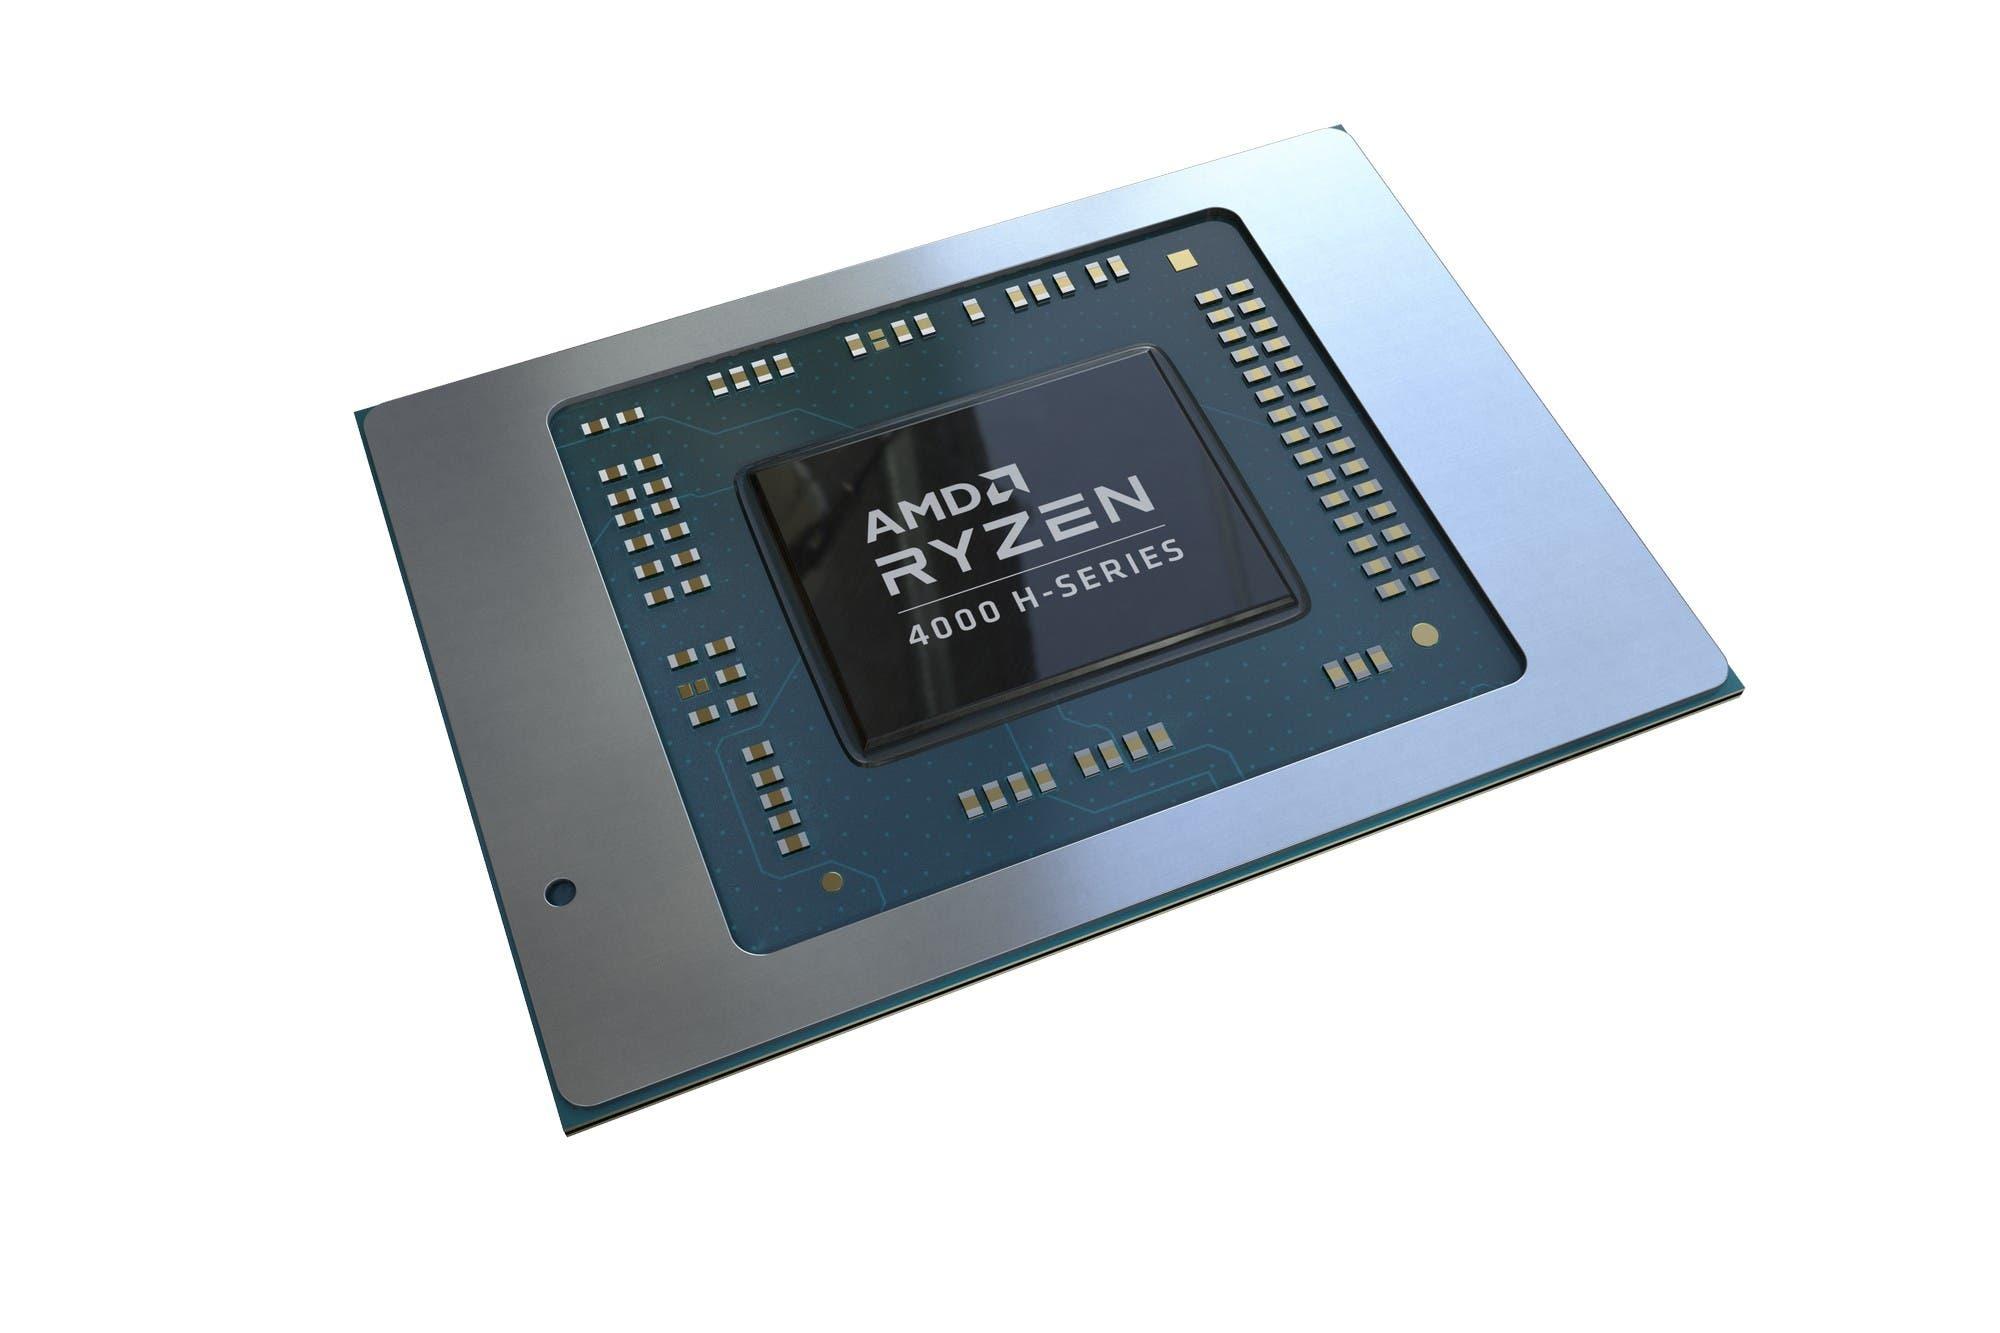 AMD presentó su nueva línea de procesadores Ryzen 4000 para computadoras portátiles